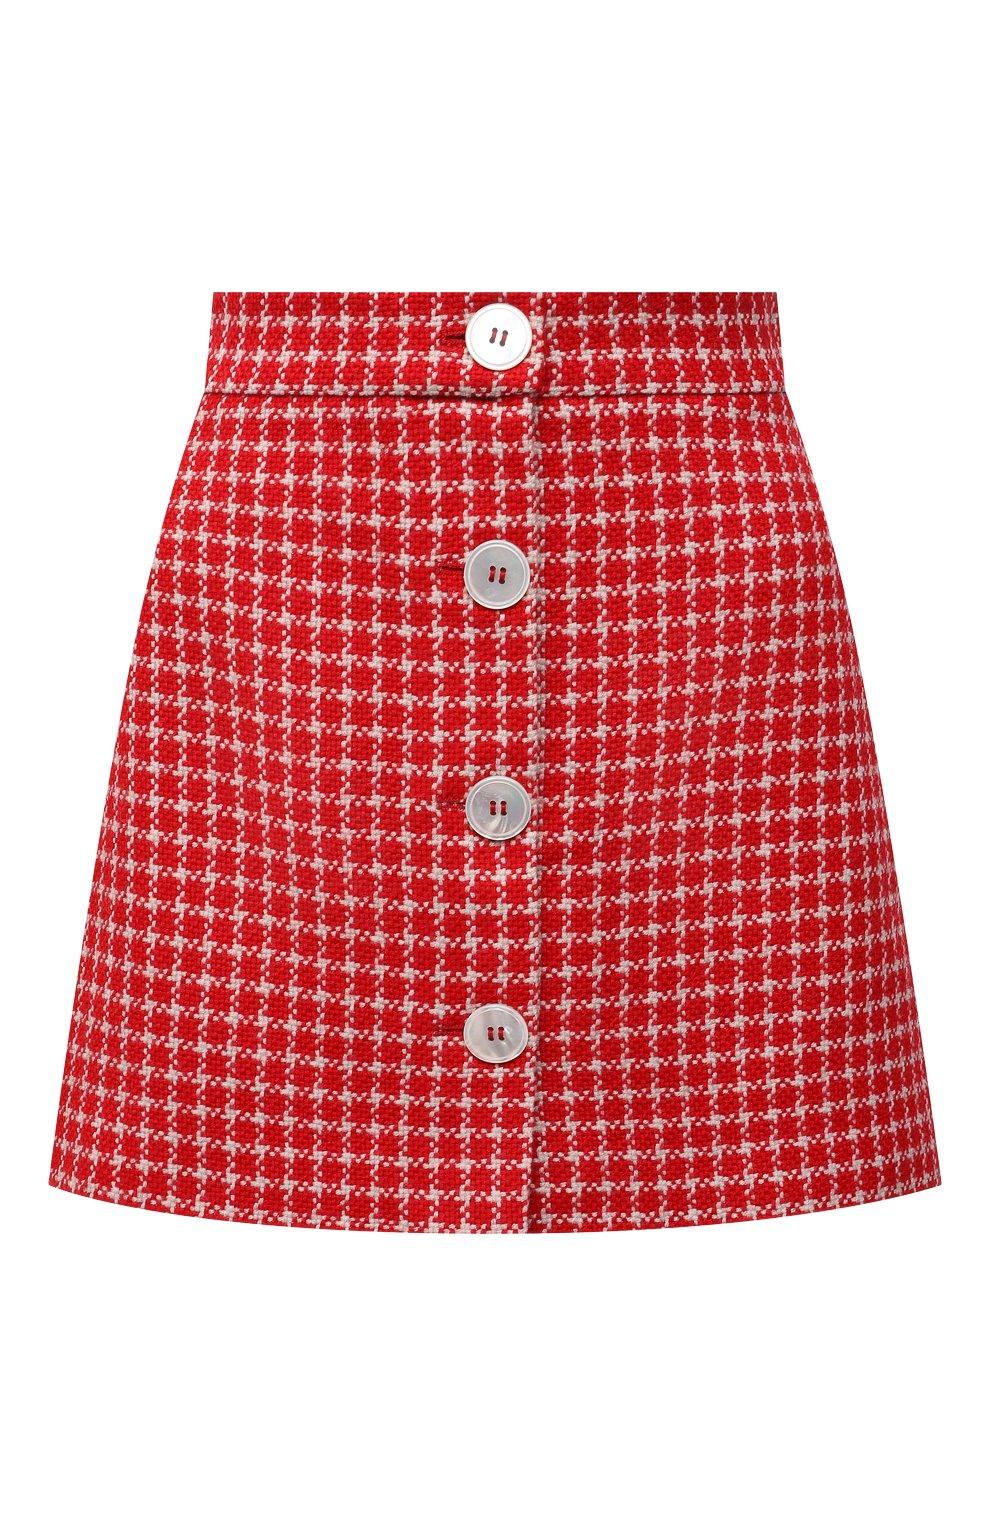 Женская юбка MIU MIU красного цвета, арт. MG1573-1V7V-F0011 | Фото 1 (Материал внешний: Шерсть, Синтетический материал; Длина Ж (юбки, платья, шорты): Мини; Женское Кросс-КТ: Юбка-одежда; Стили: Кэжуэл)